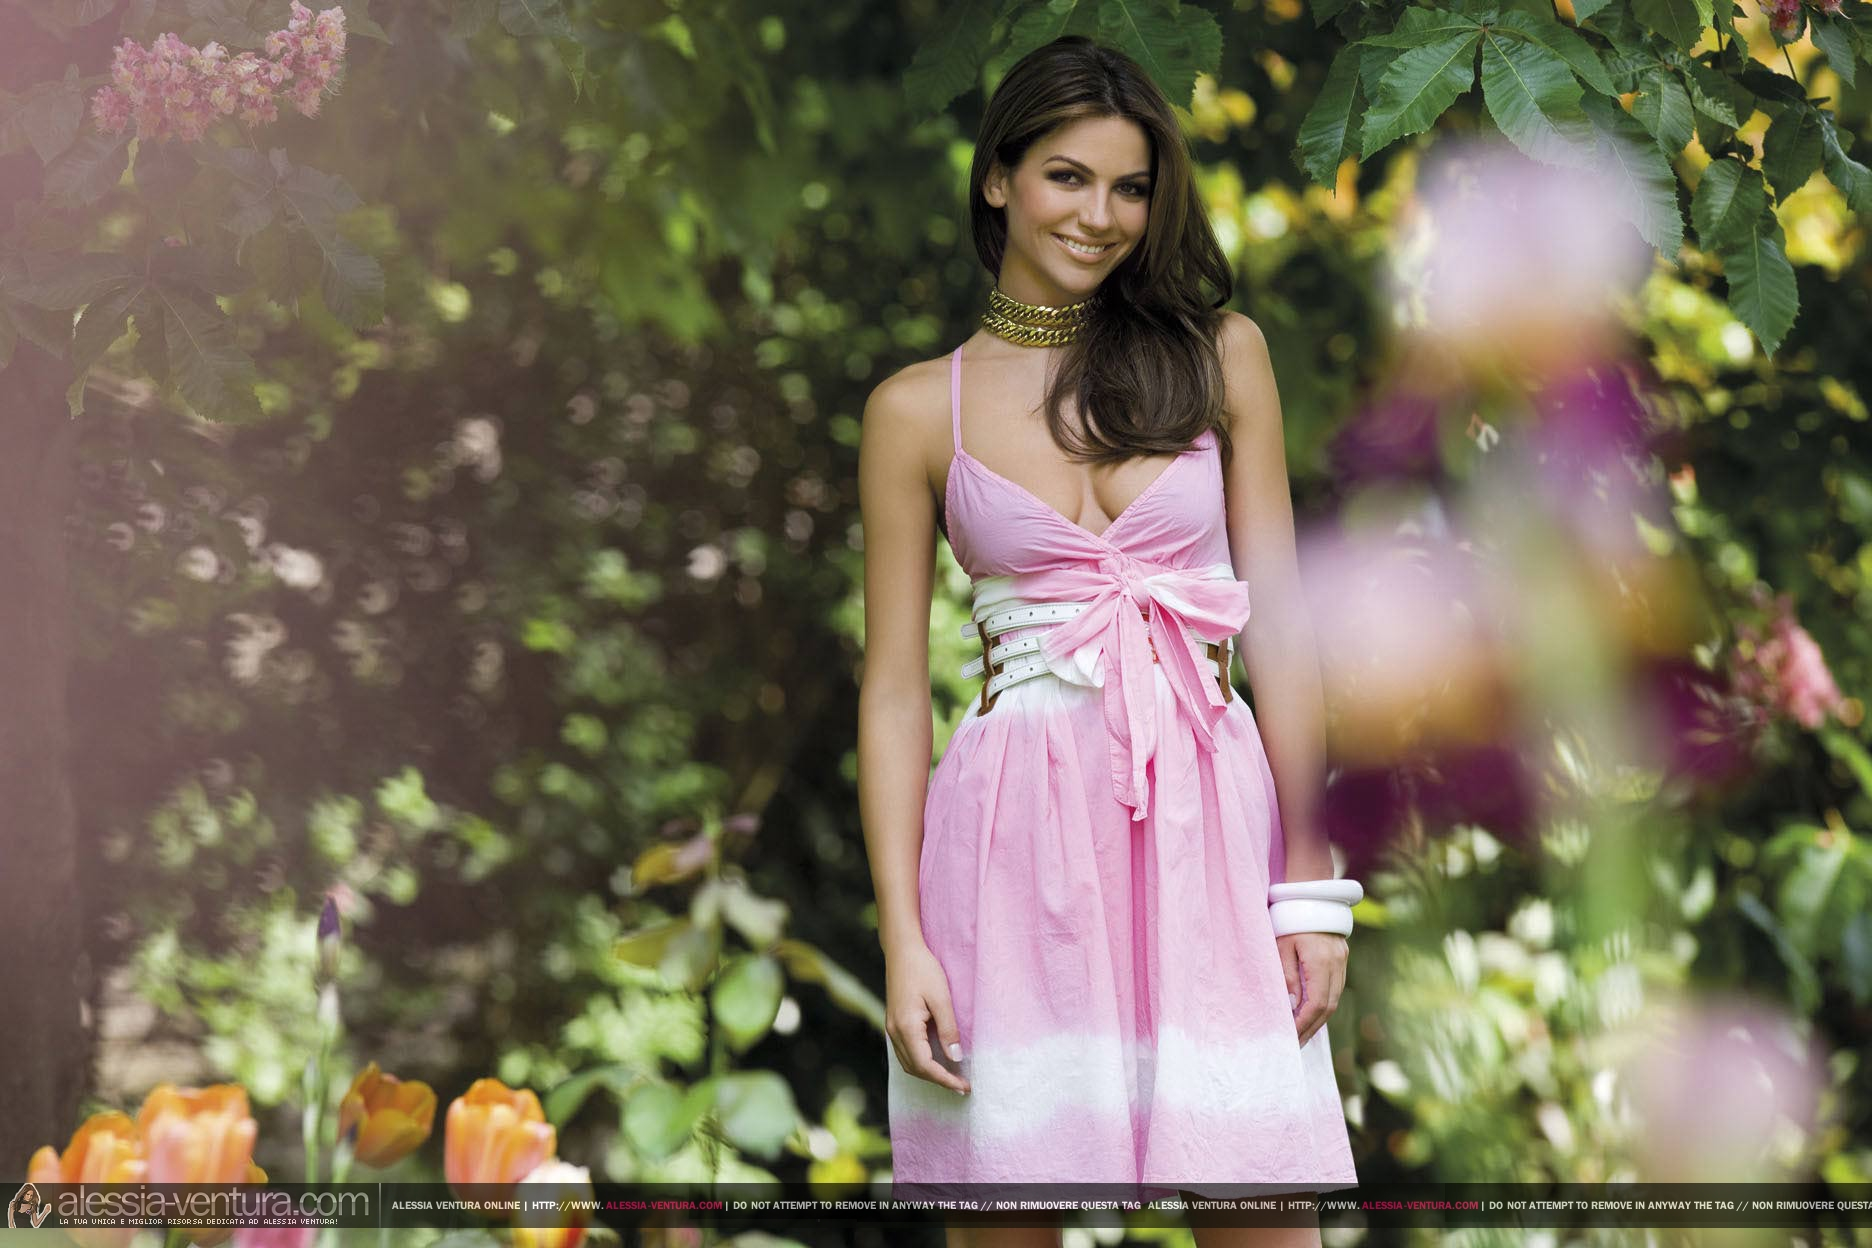 Фото девушки летних платьях